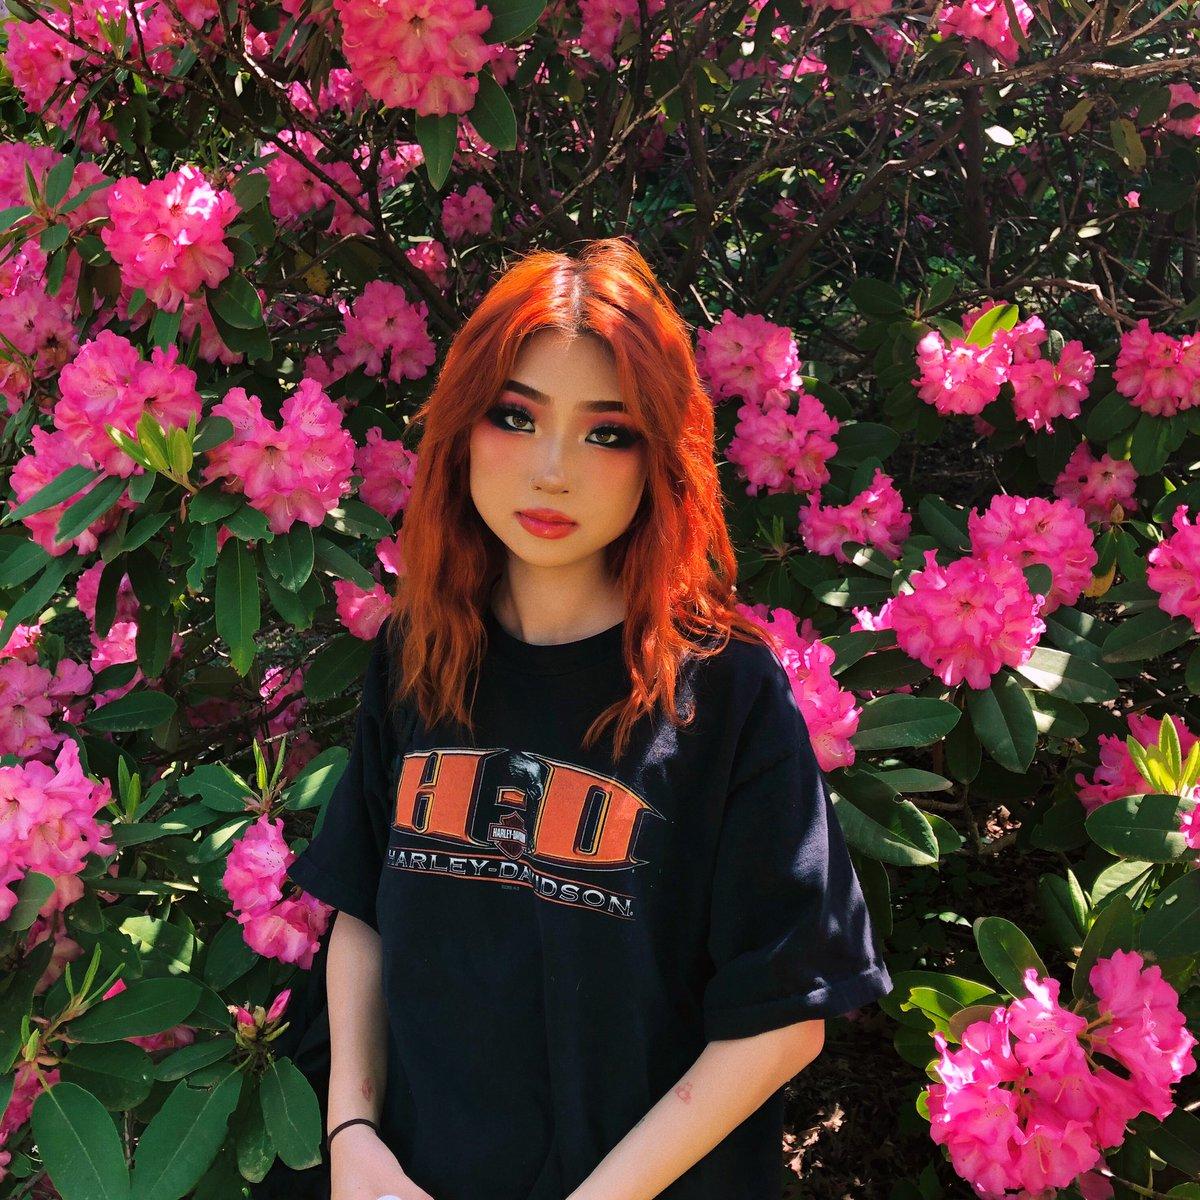 bada bing bada bloom